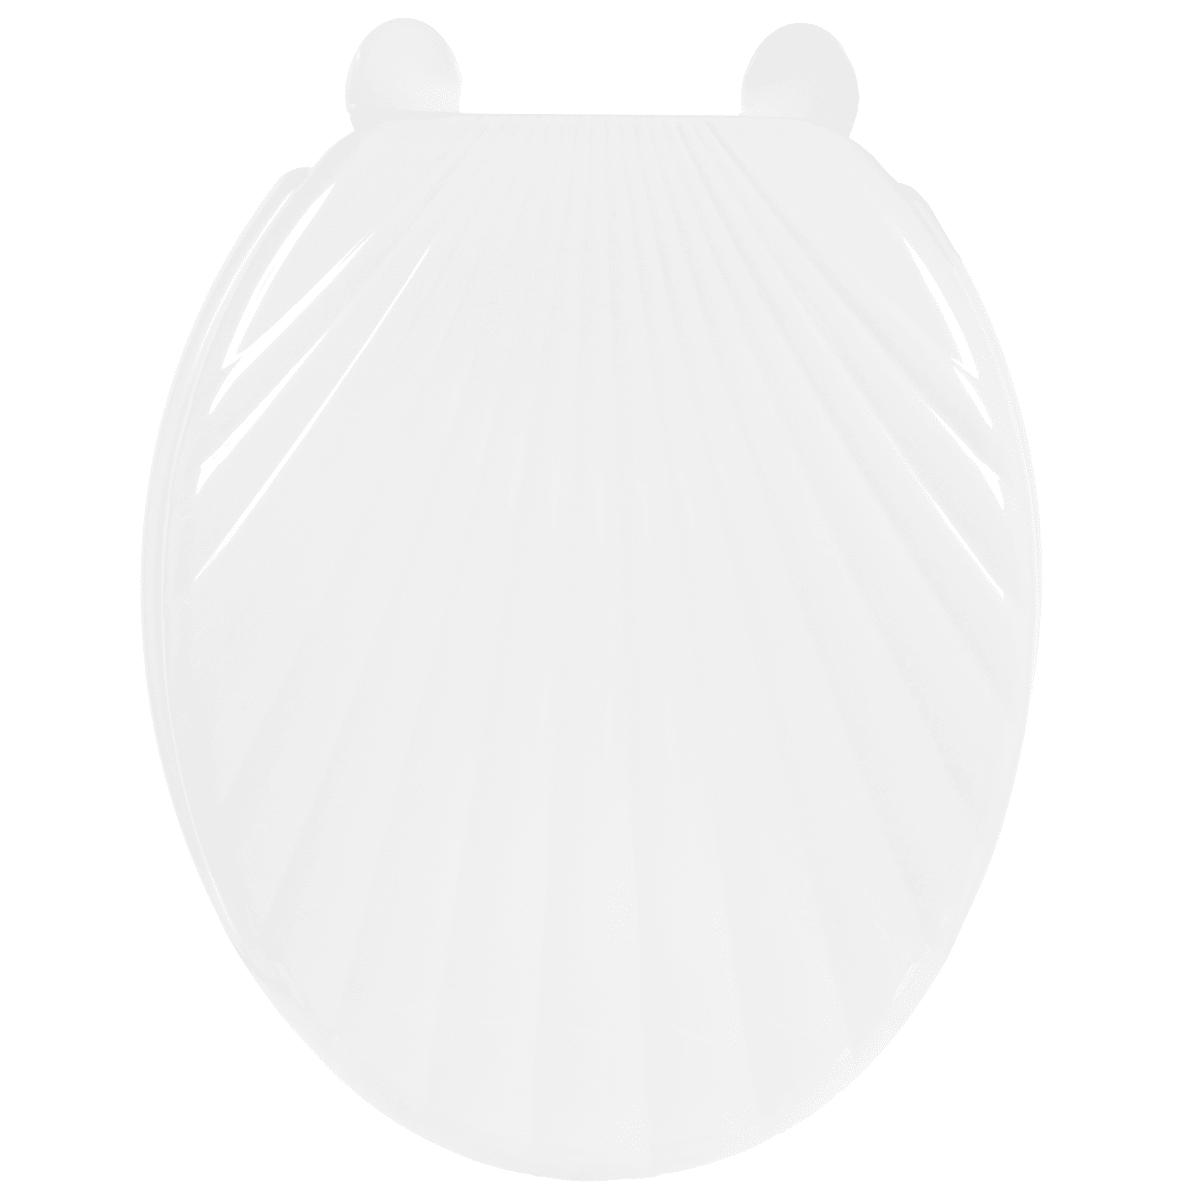 Сиденье для унитаза Орио ракушка, цвет белый